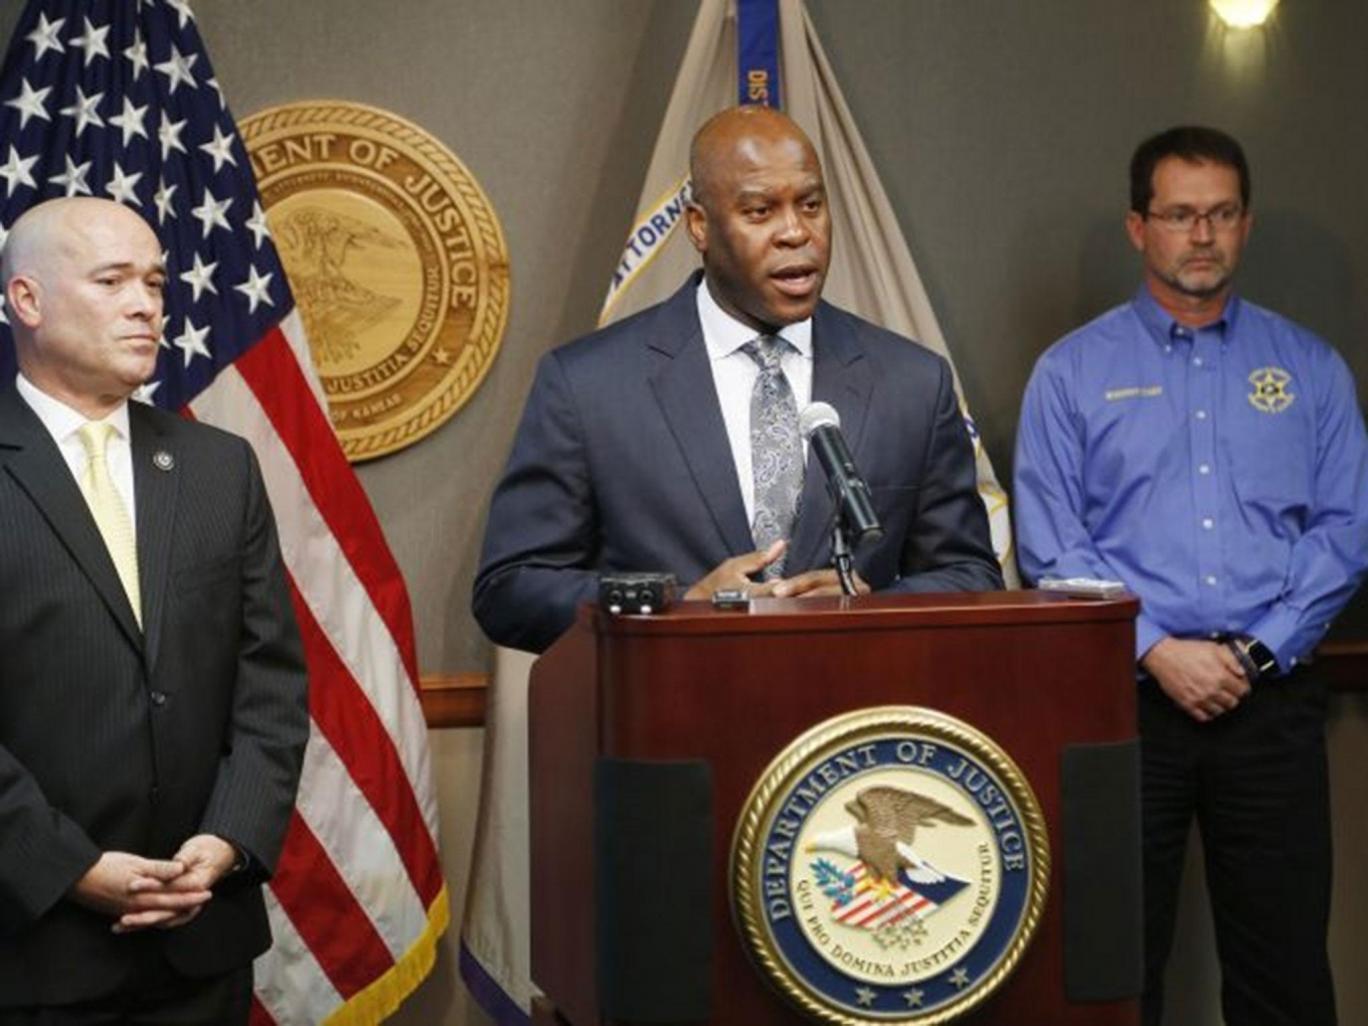 Kansas militia men calling themselves 'Crusaders' charged in terror plot targeting Somali Muslim immigrants